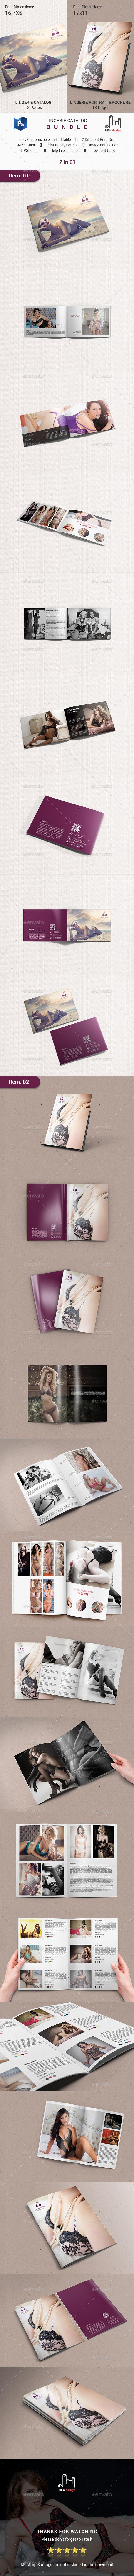 Lingerie Catalog BUNDLE  — PSD Template #8.5x11 #lady • Download ➝ https://graphicriver.net/item/lingerie-catalog-bundle/18136521?ref=pxcr